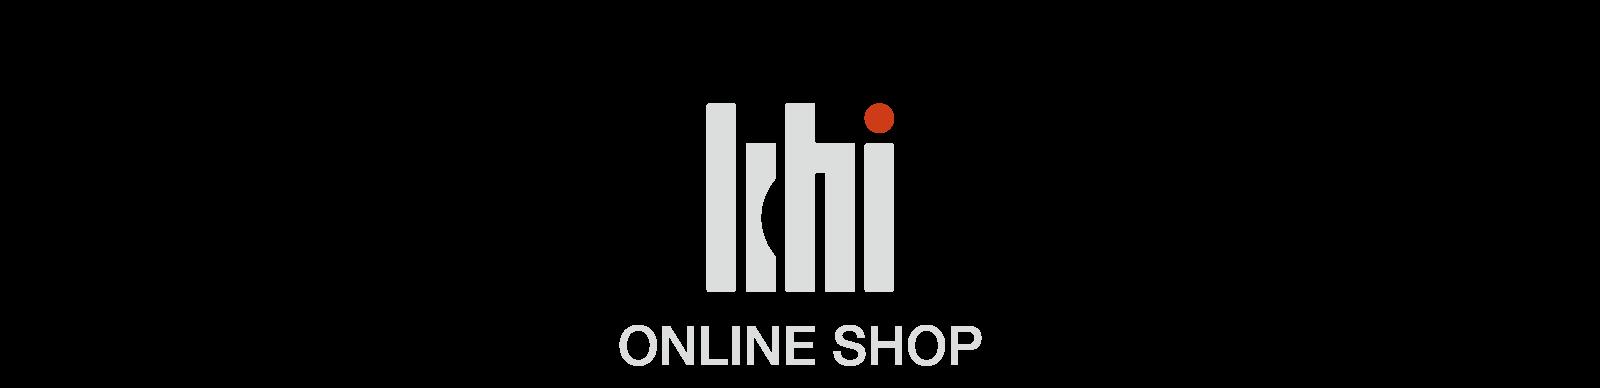 ICHI-ONLINESHOP